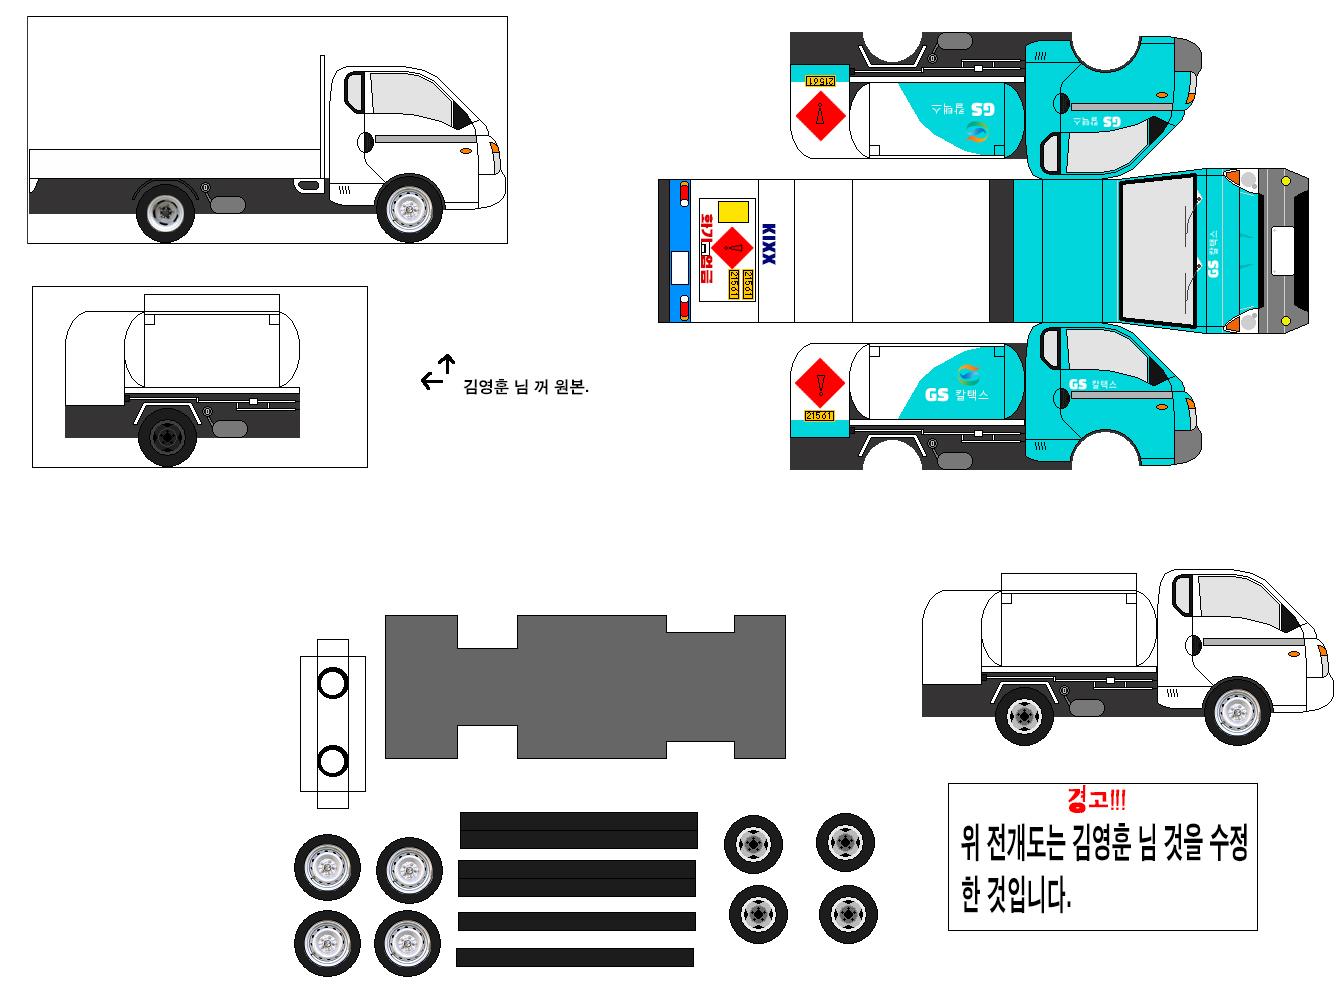 현대 포터2 초장축 슈퍼캐빈 카고트럭 유조차(2004_) 수정....jpg